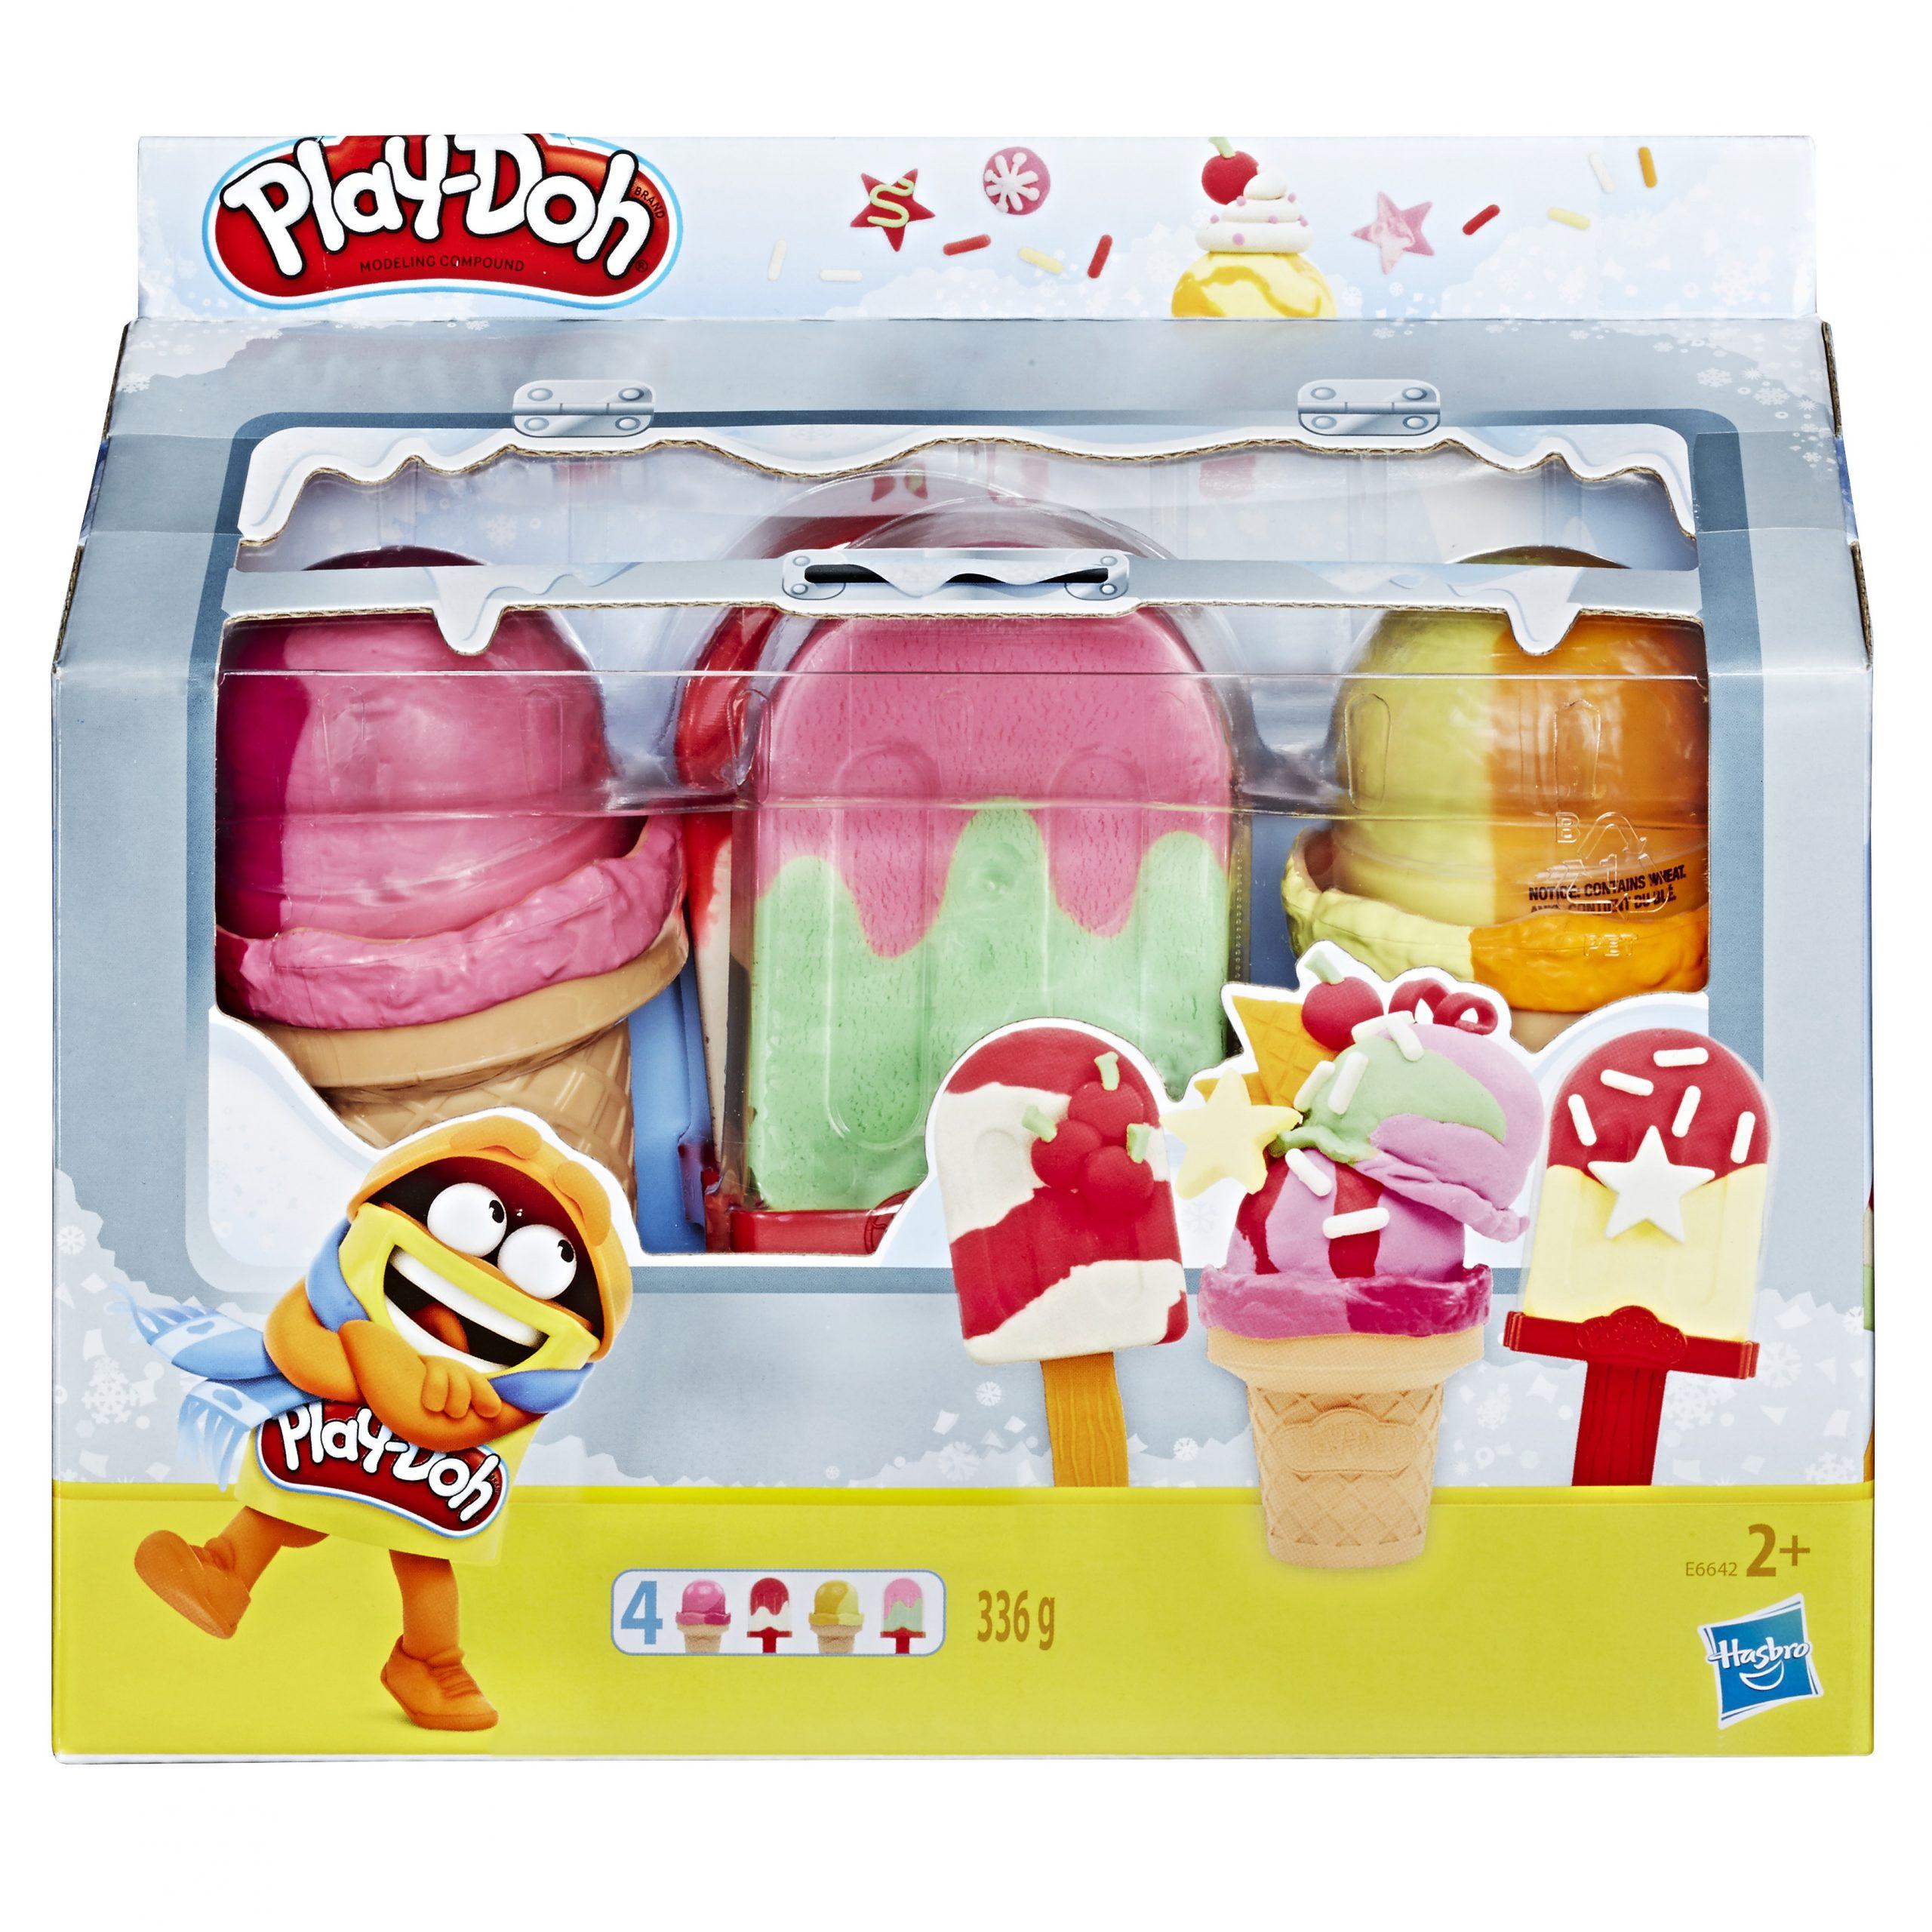 Play-doh Ice pops Cones Freezer E6642